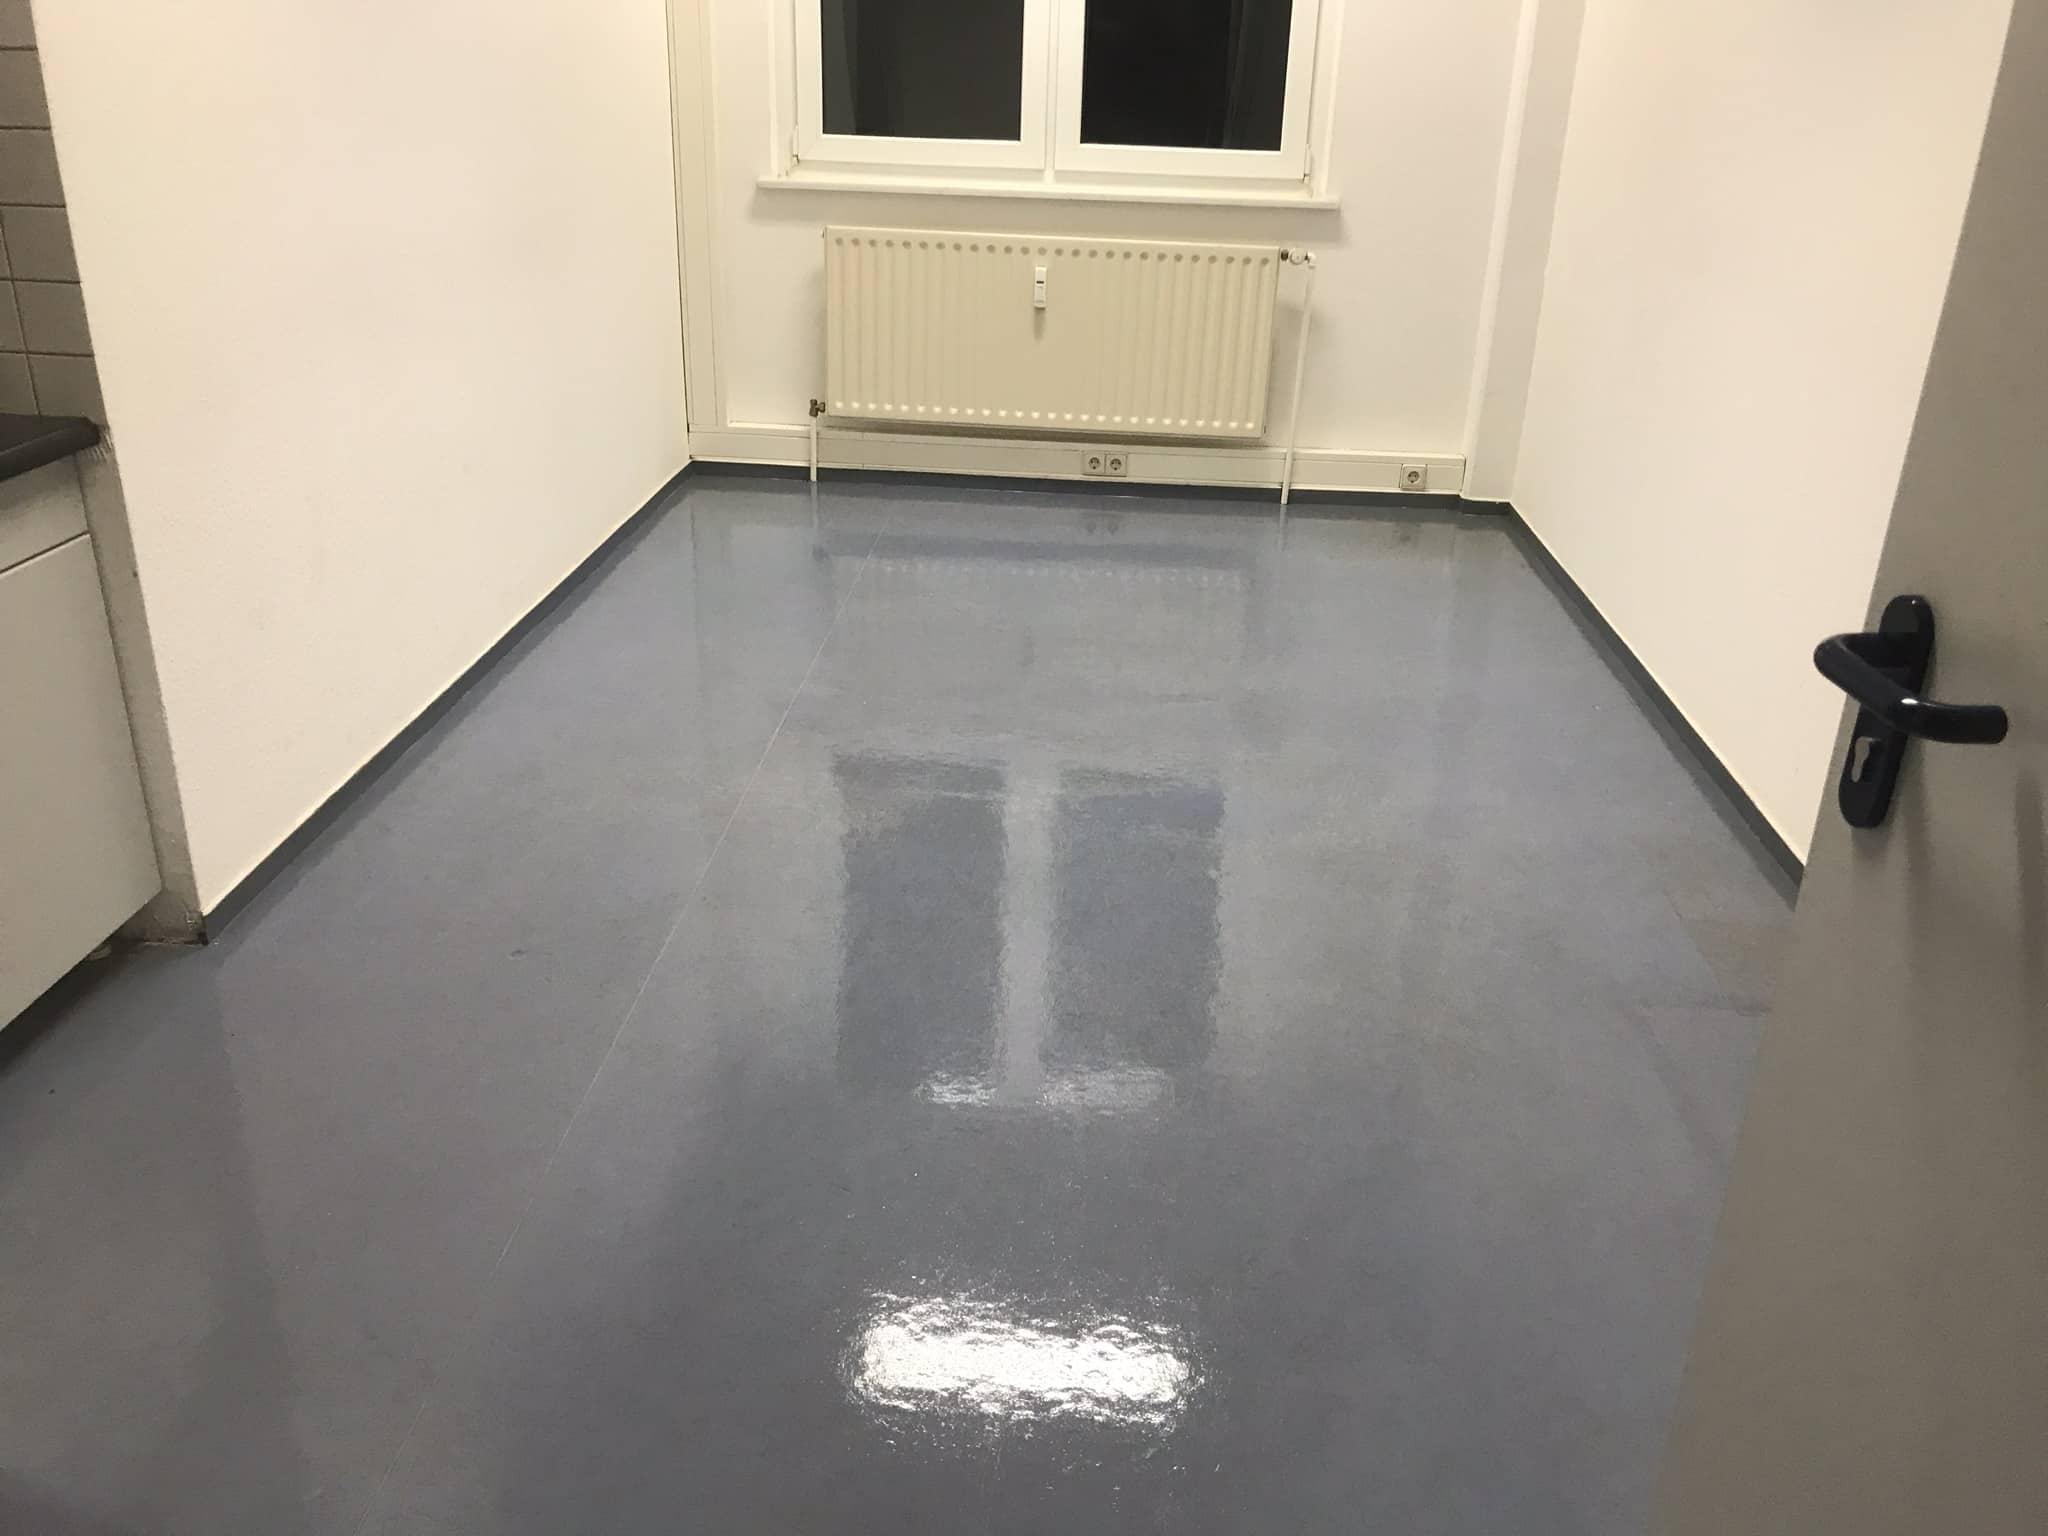 Linoleum Küche Versieglung Neu - Teppichreinigung Polsterreinigung